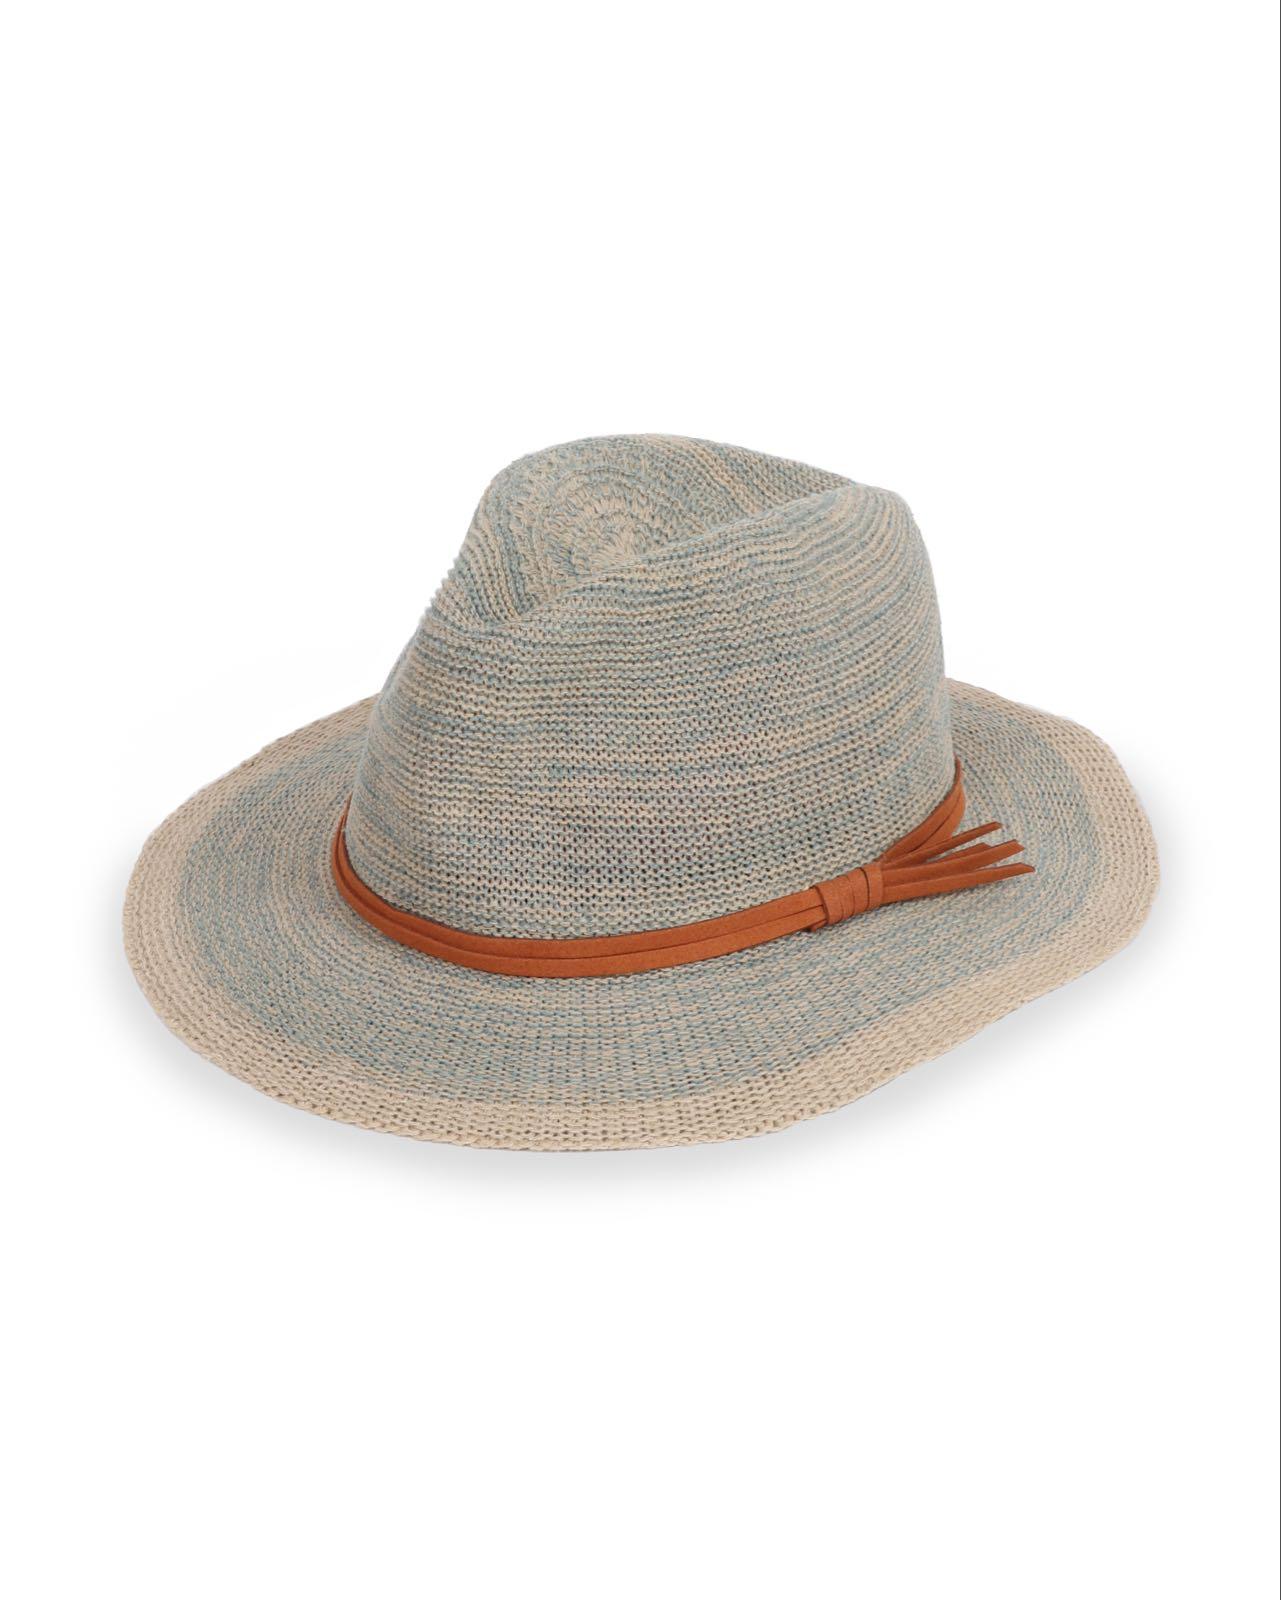 Powder Natalie hat